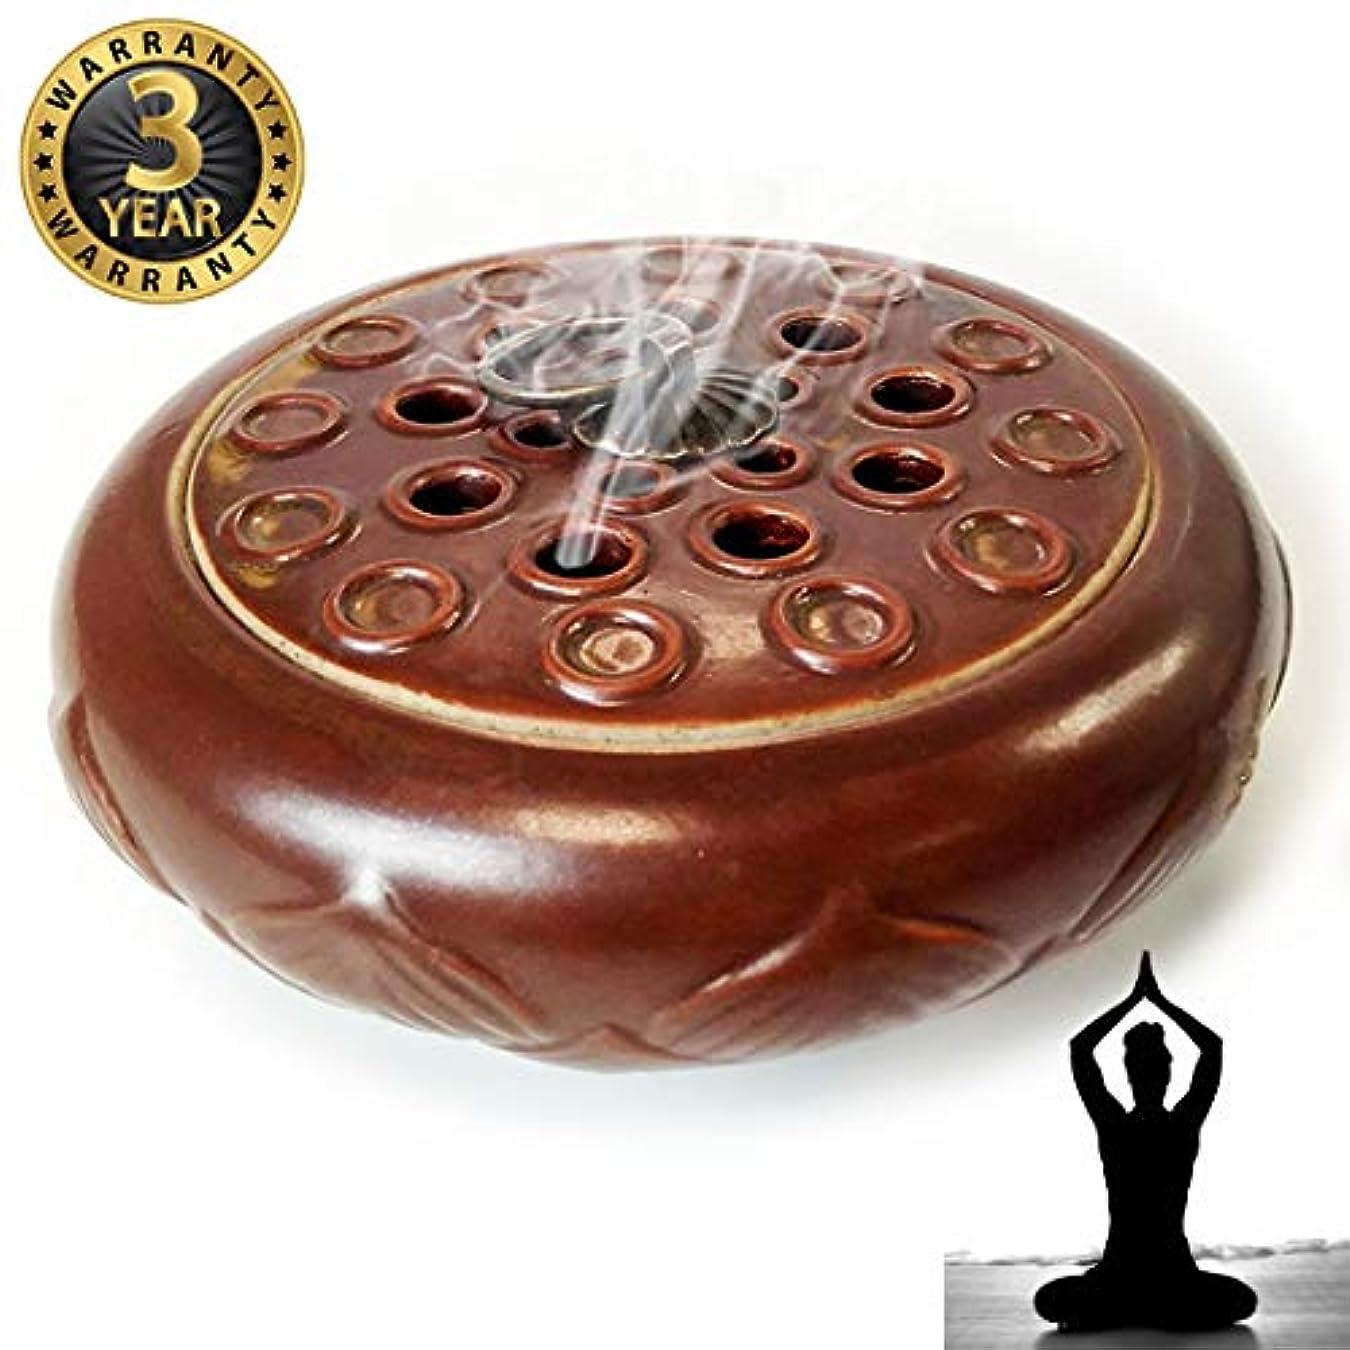 線報復扱いやすいWOW 陶器製香炉ホルダー 手作り スティック/コーン/コイル線香に最適 レッド